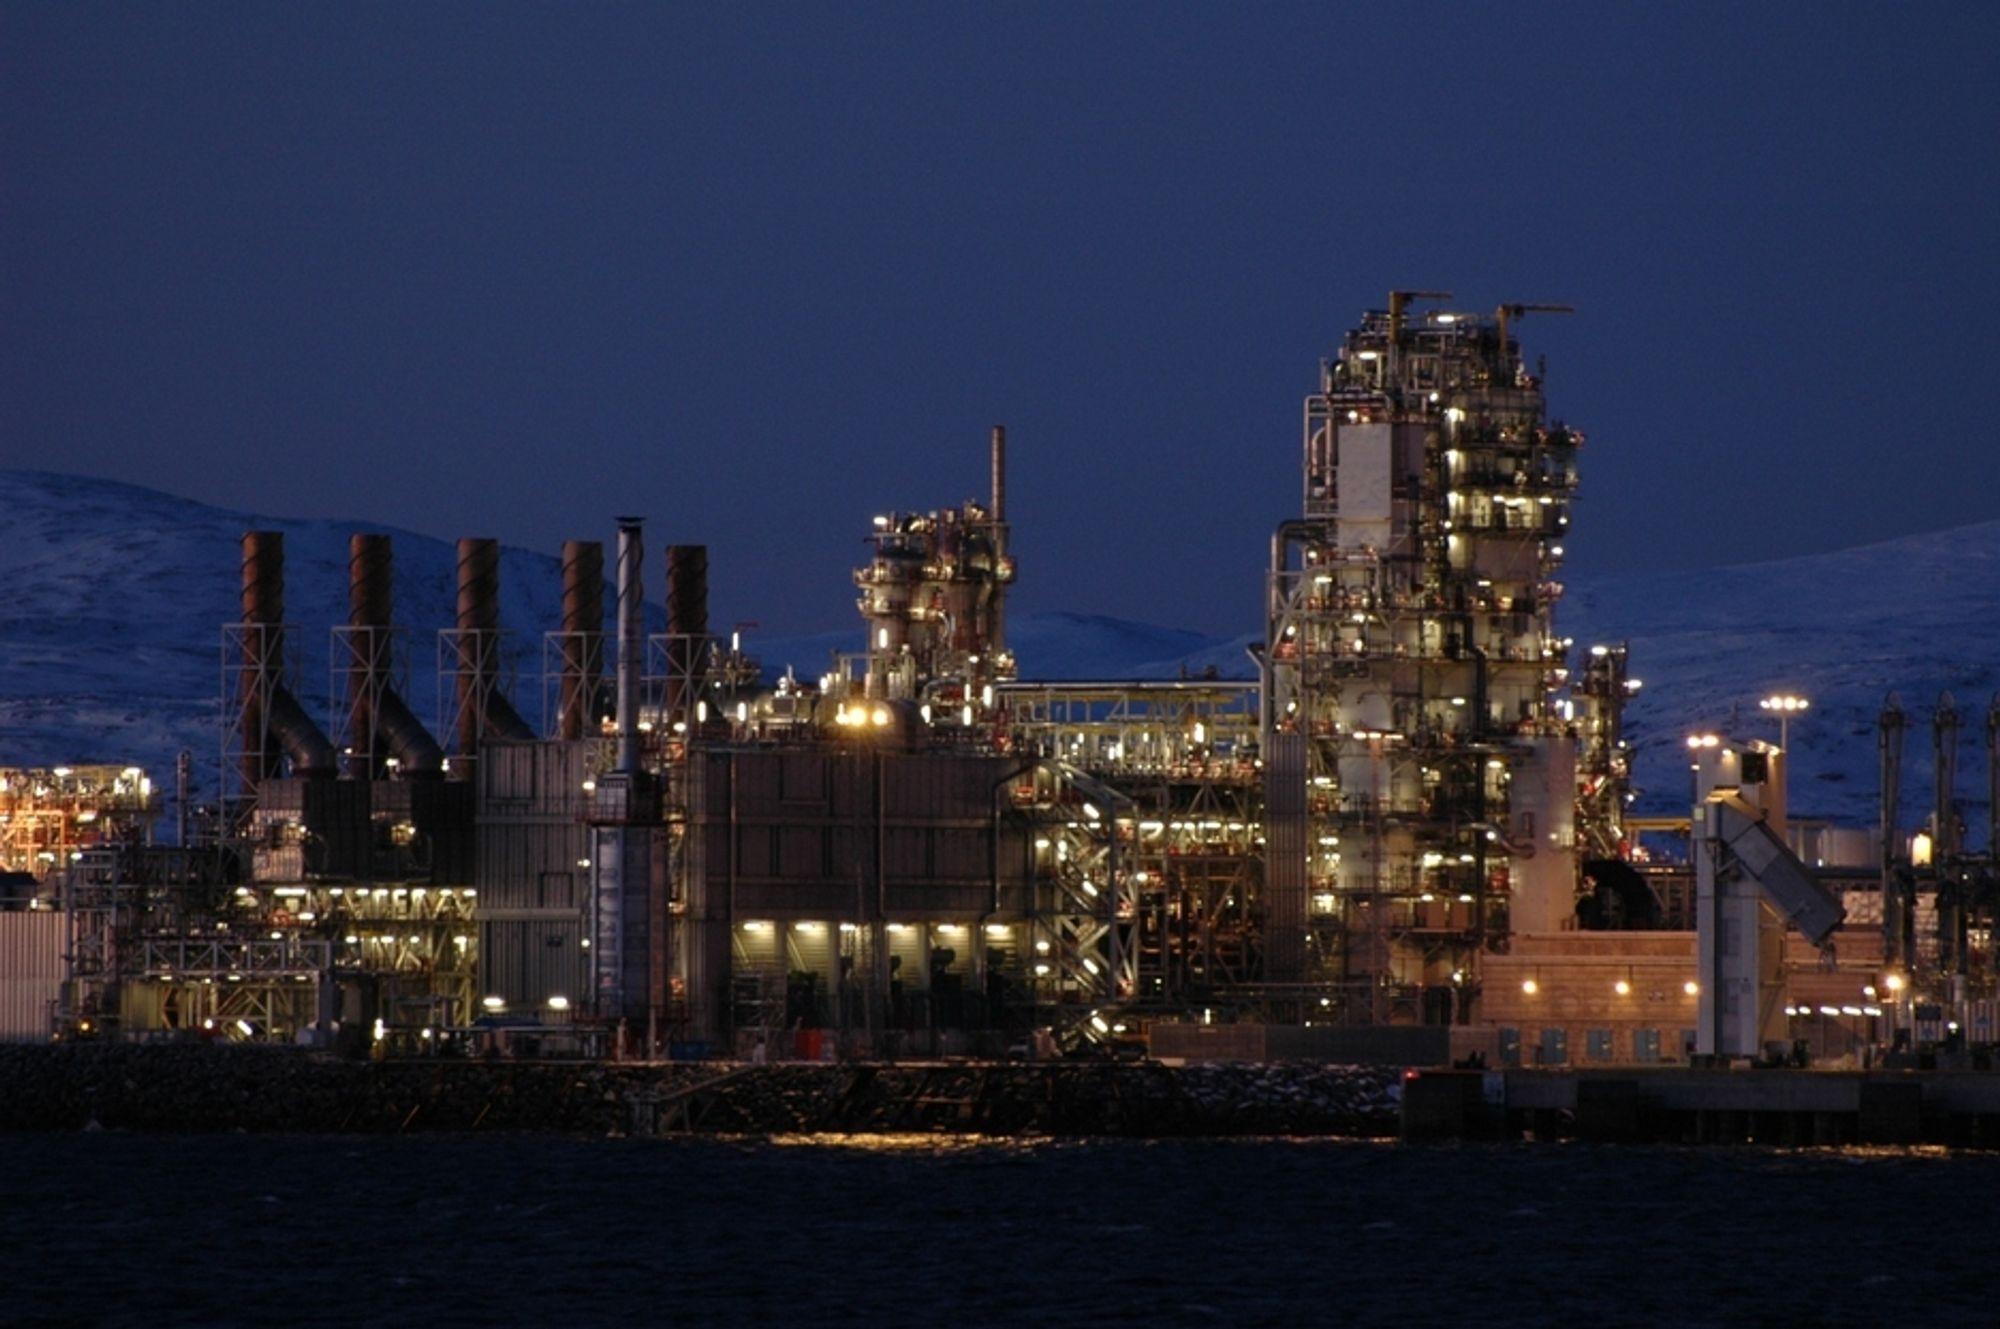 REKORDSALG: StatoilHydro solgte rekordmye gass i 2007 til tross for produksjonsproblemer på Snøhvit.